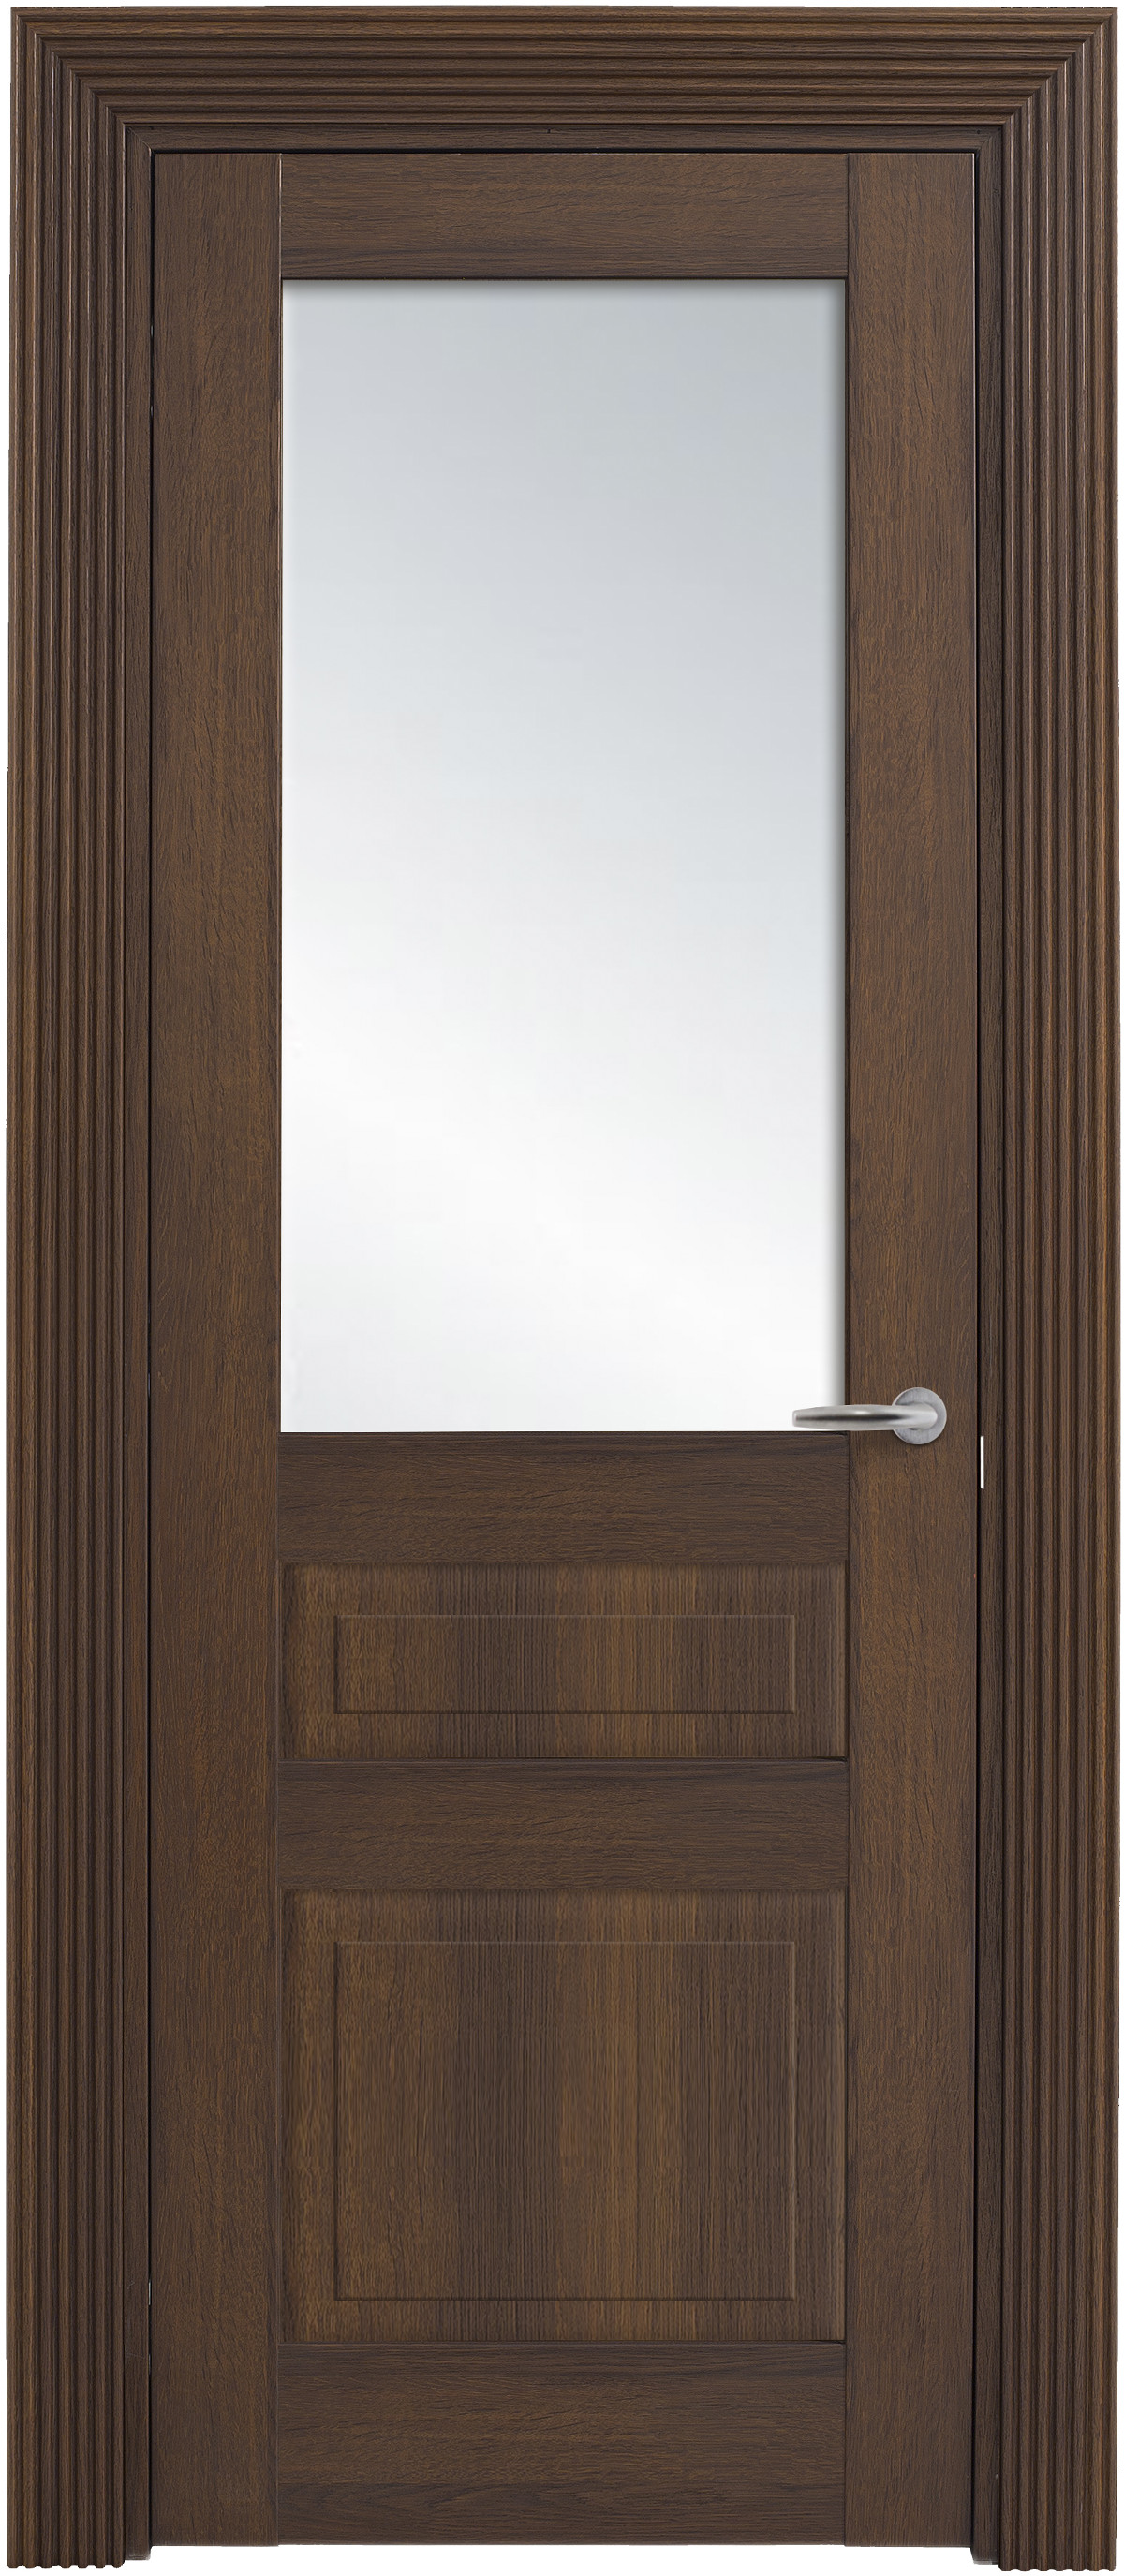 Межкомнатная / входная дверь, отделка: экошпон ГРЕЧЕСКИЙ ОРЕХ, Solo Classic 2FSnP-2